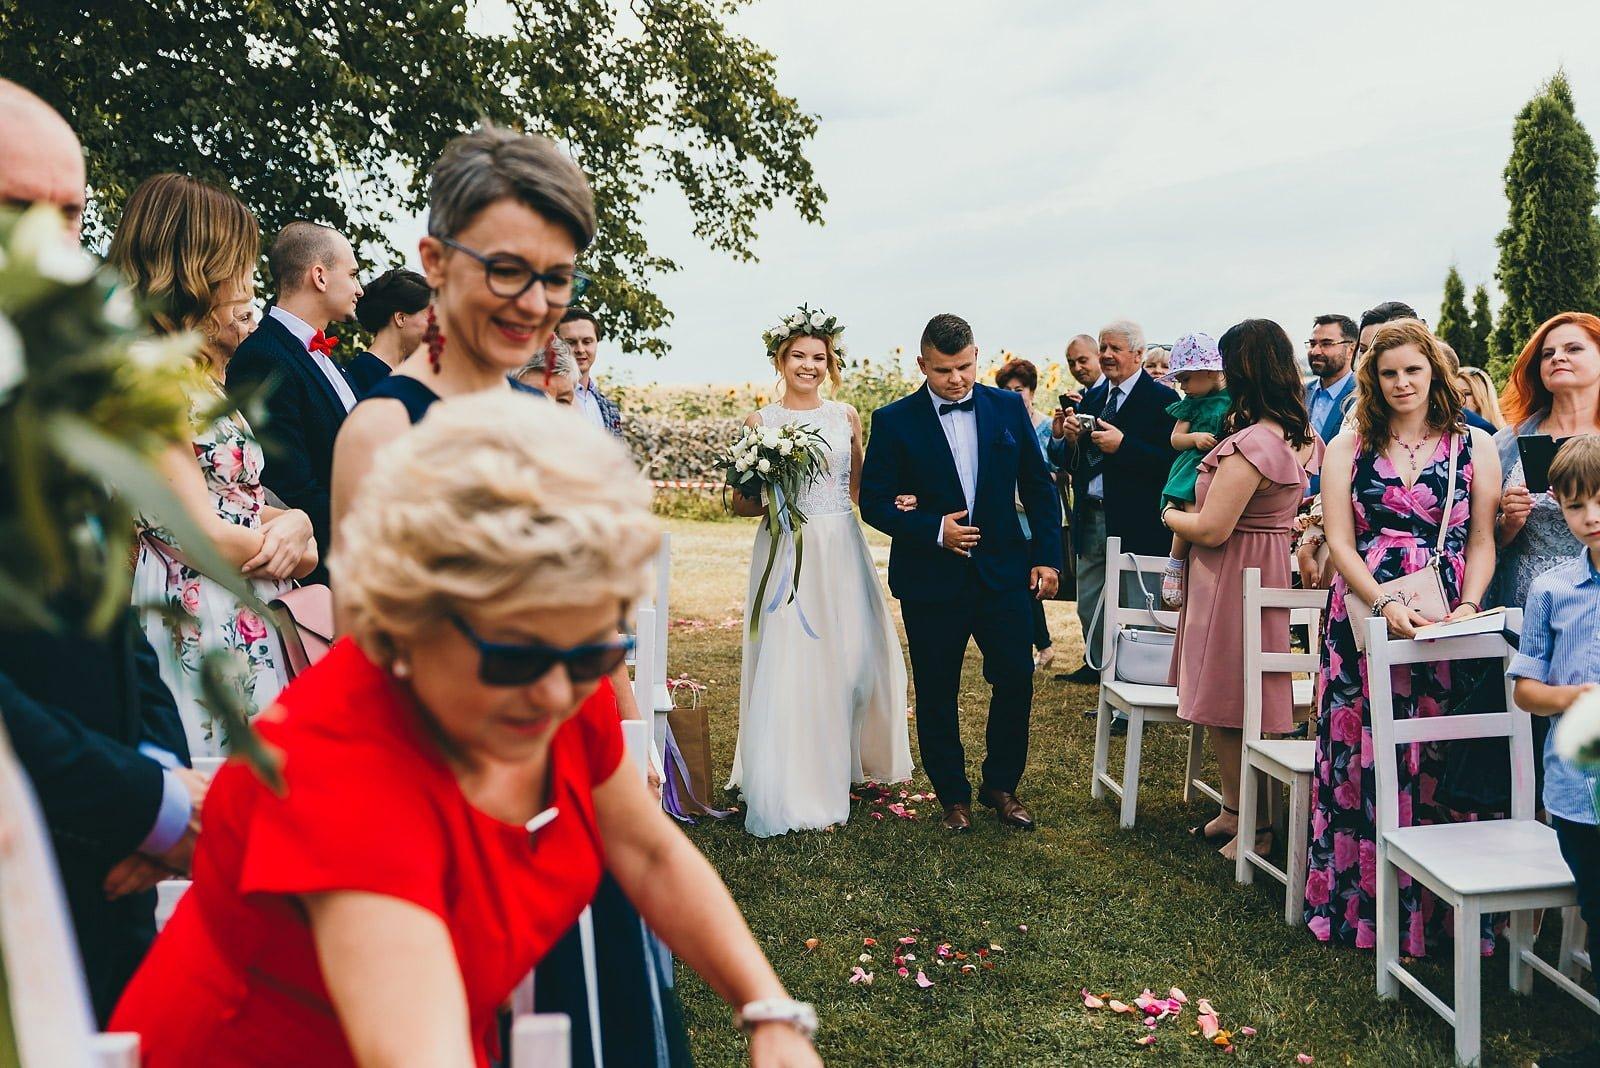 Justyna i Szymon - plenerowy ślub w stylu boho 37